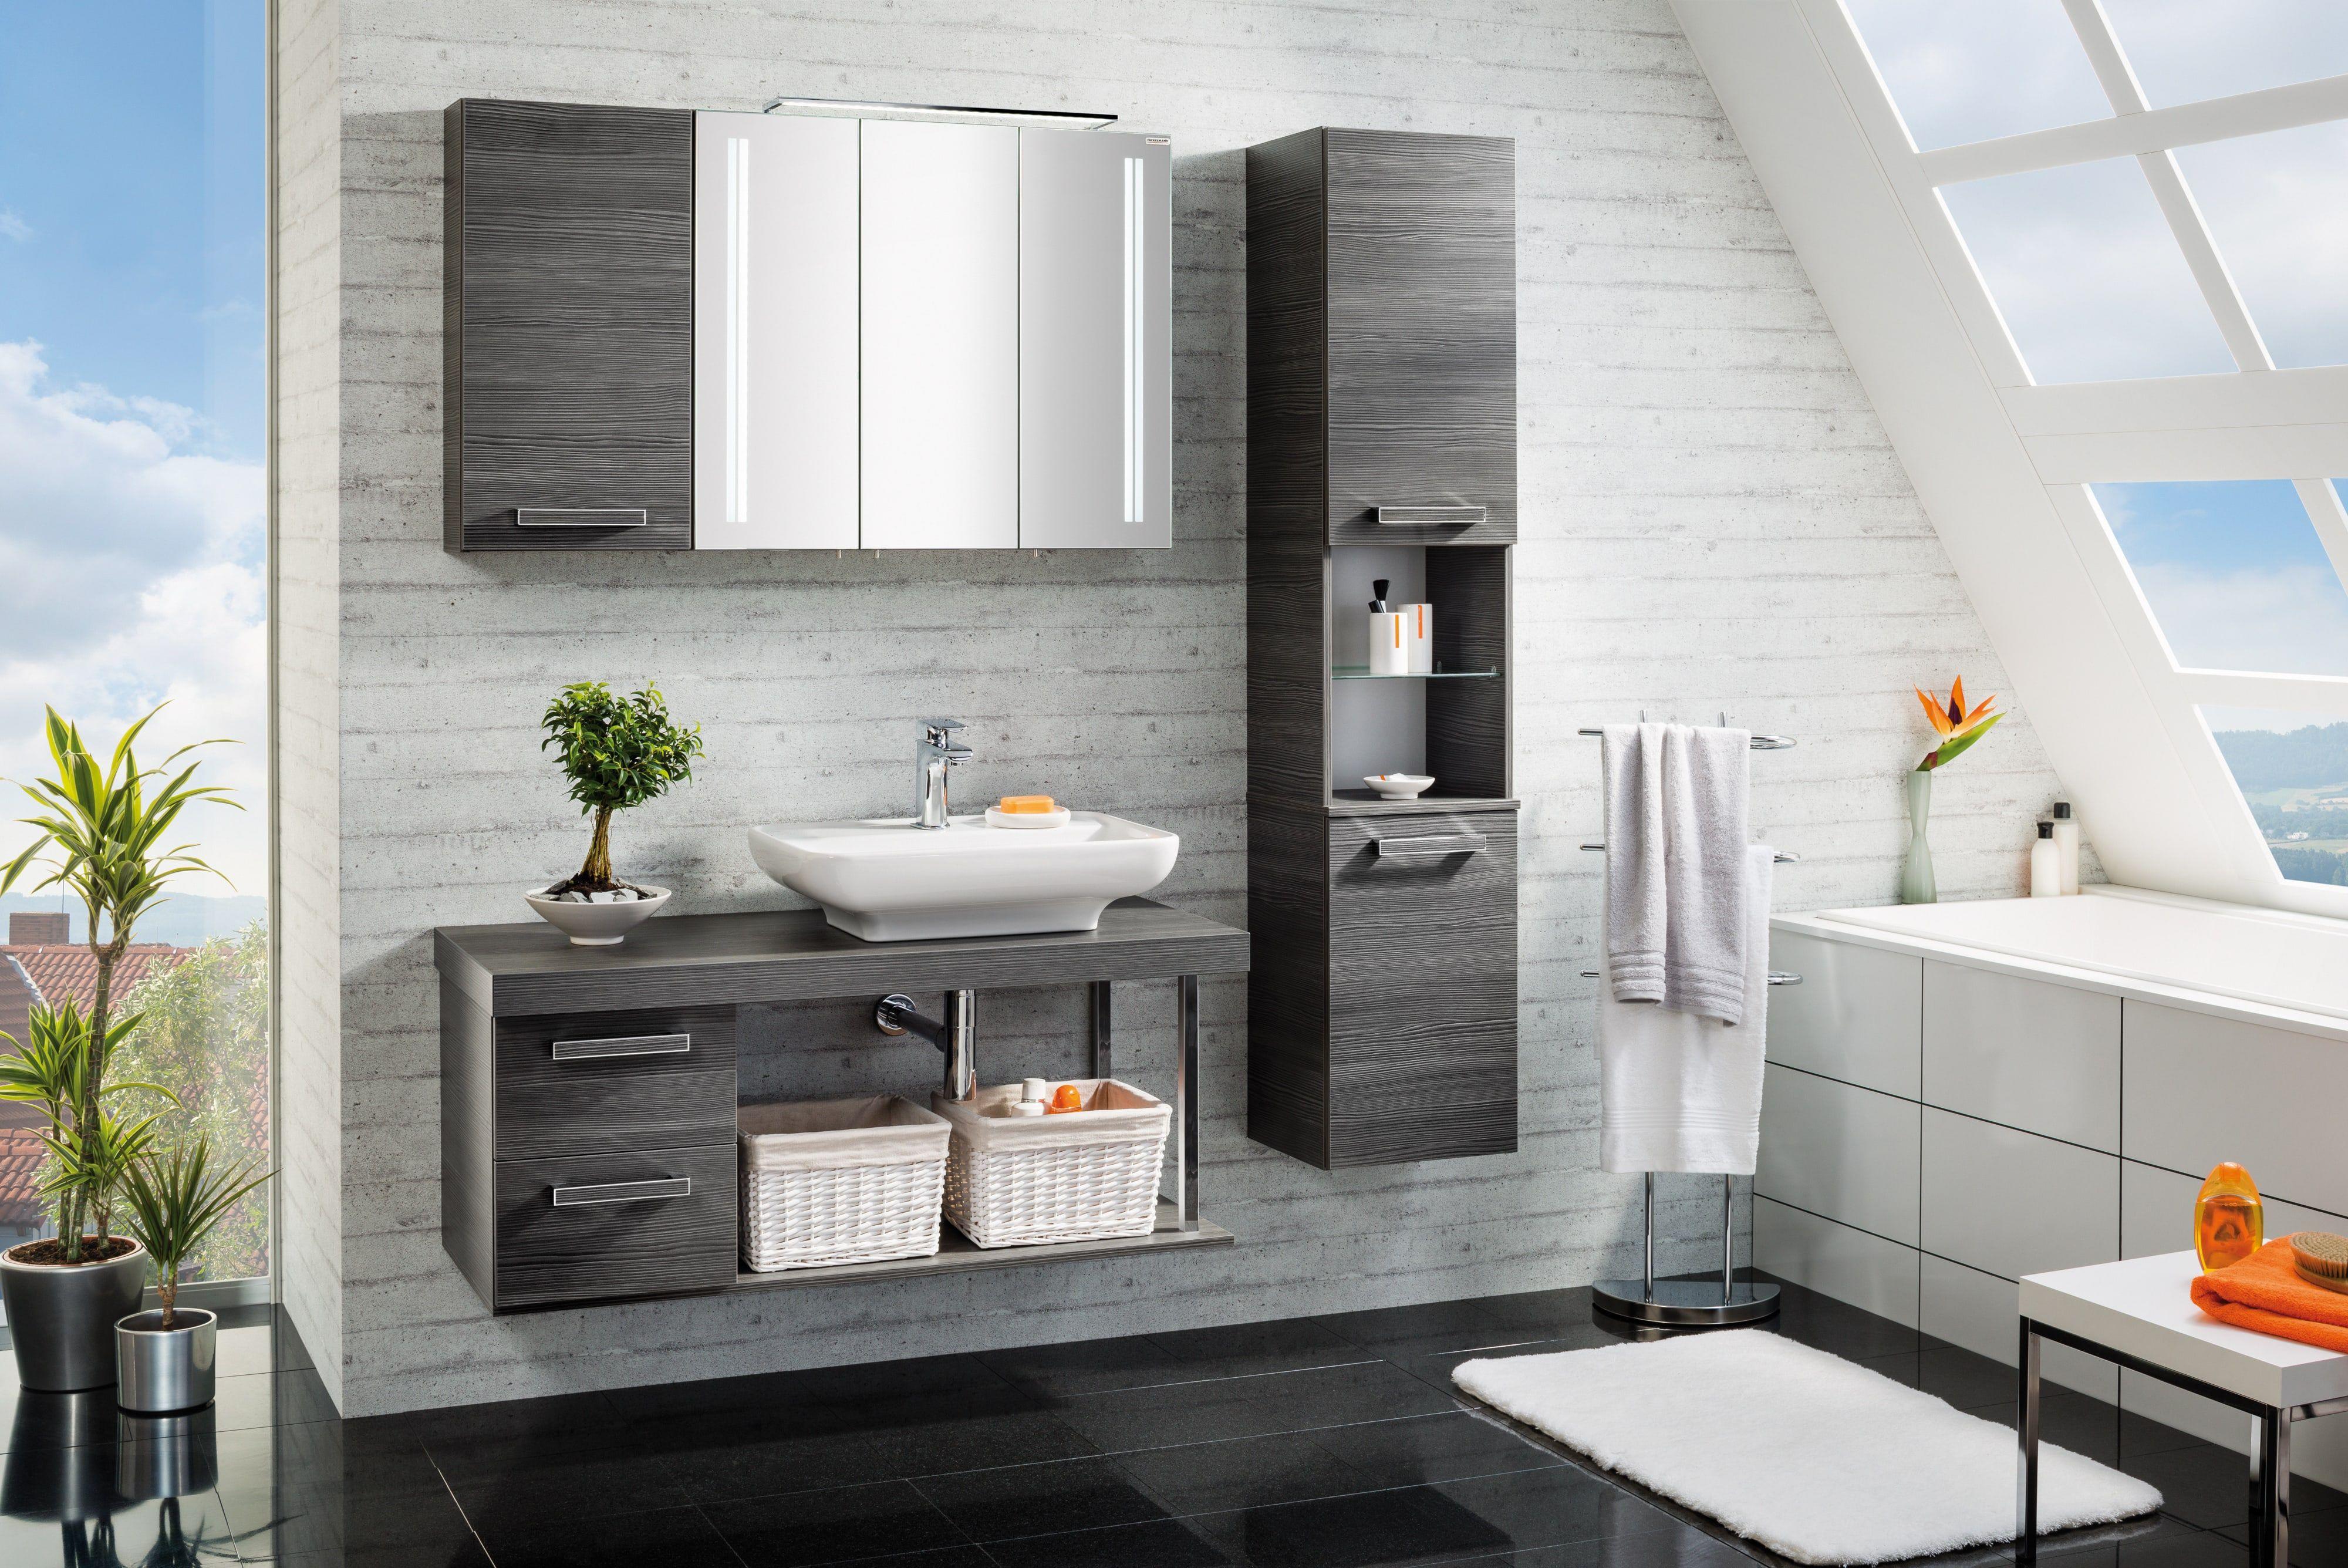 Hochschrank Waschtisch Hangeschrank Hype 2 0 Von Fackelmann Bad Hochschrank Hochschrank Badezimmer Klein